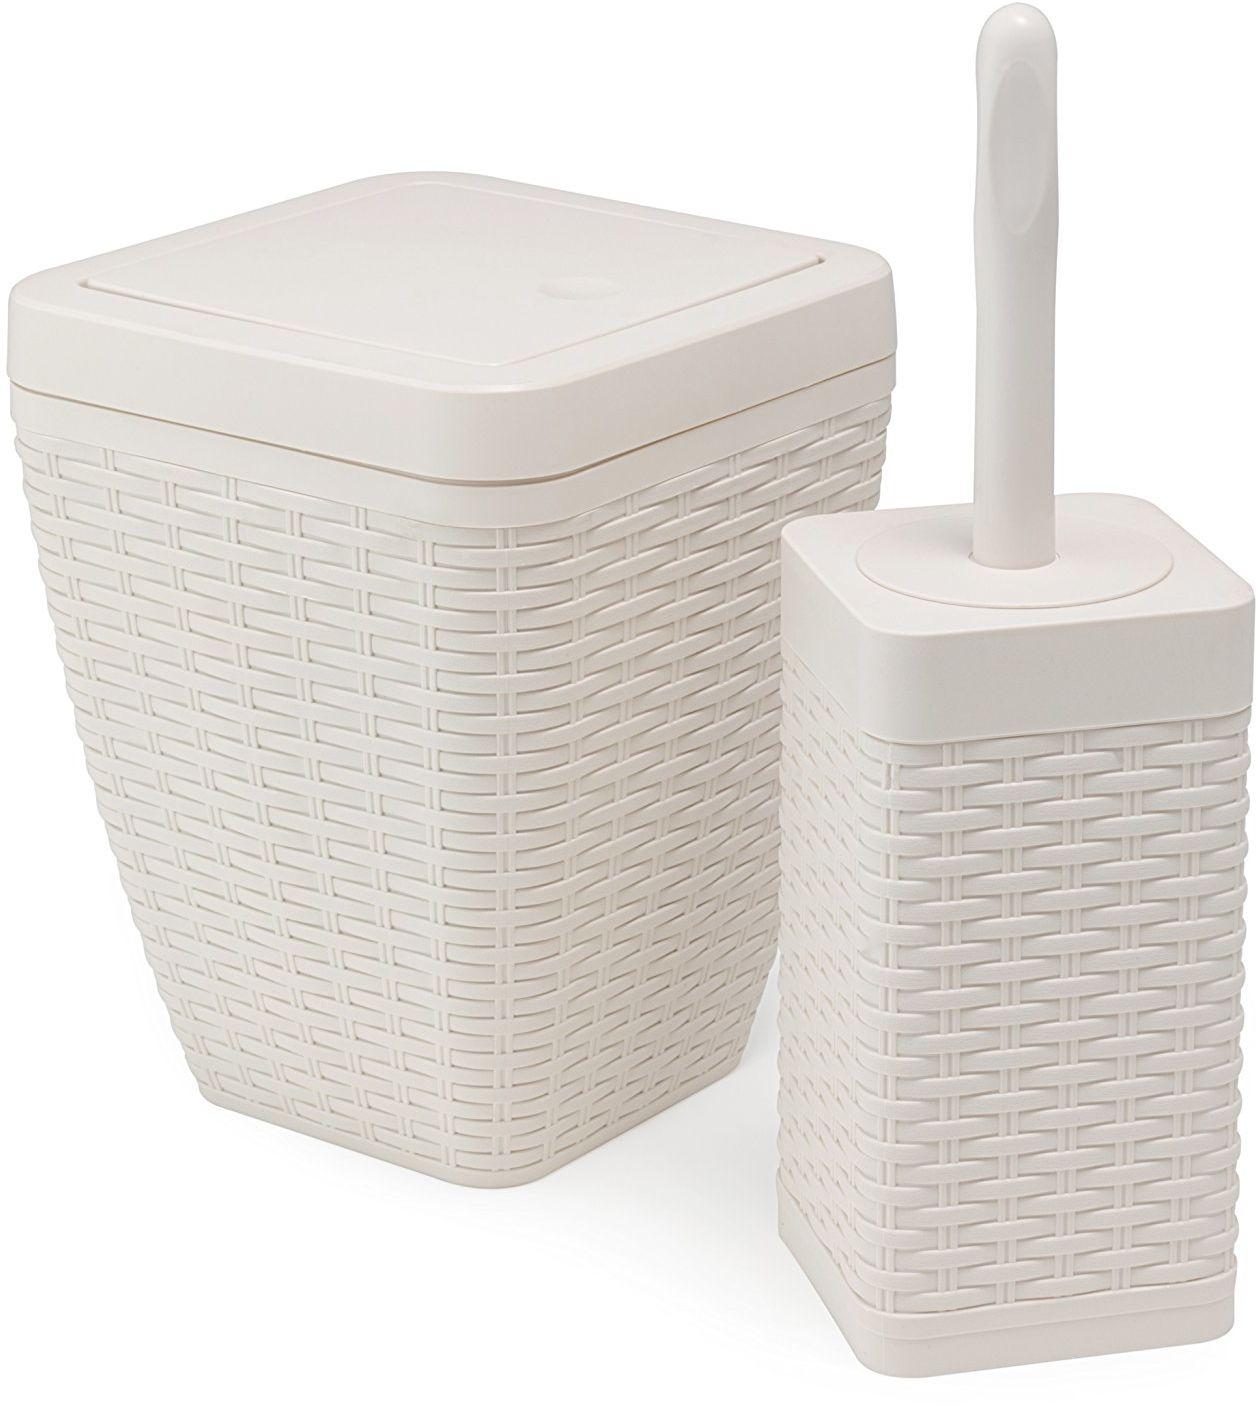 Addis sztuczny rattanowy kwadratowy zestaw łazienkowy zawiera kosz do siedzenia i szczotkę do toalety, lniany z perkalu